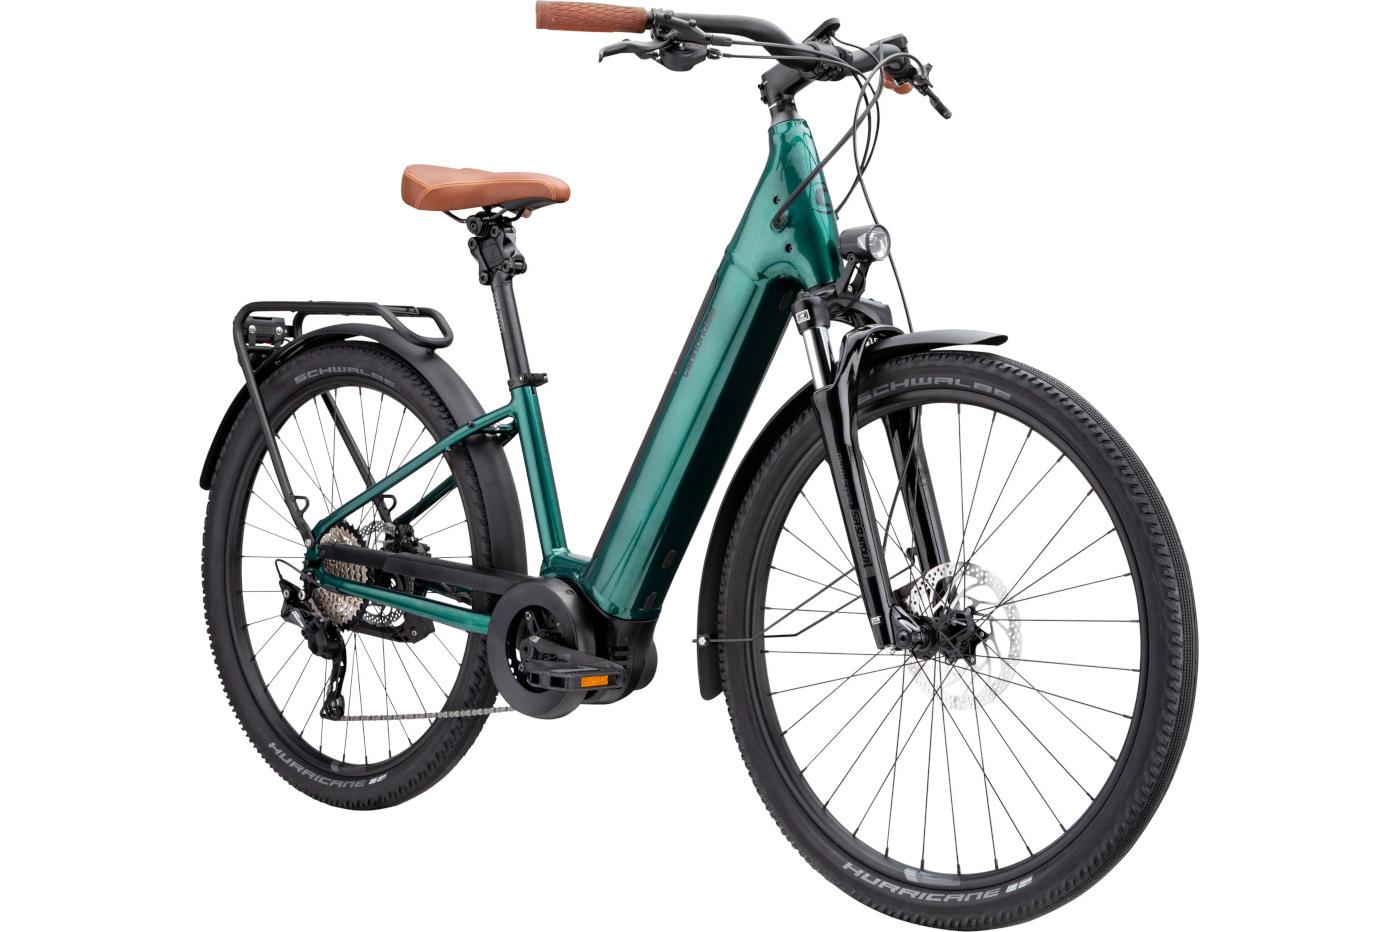 Cannondale Adventure Neo-e-bike